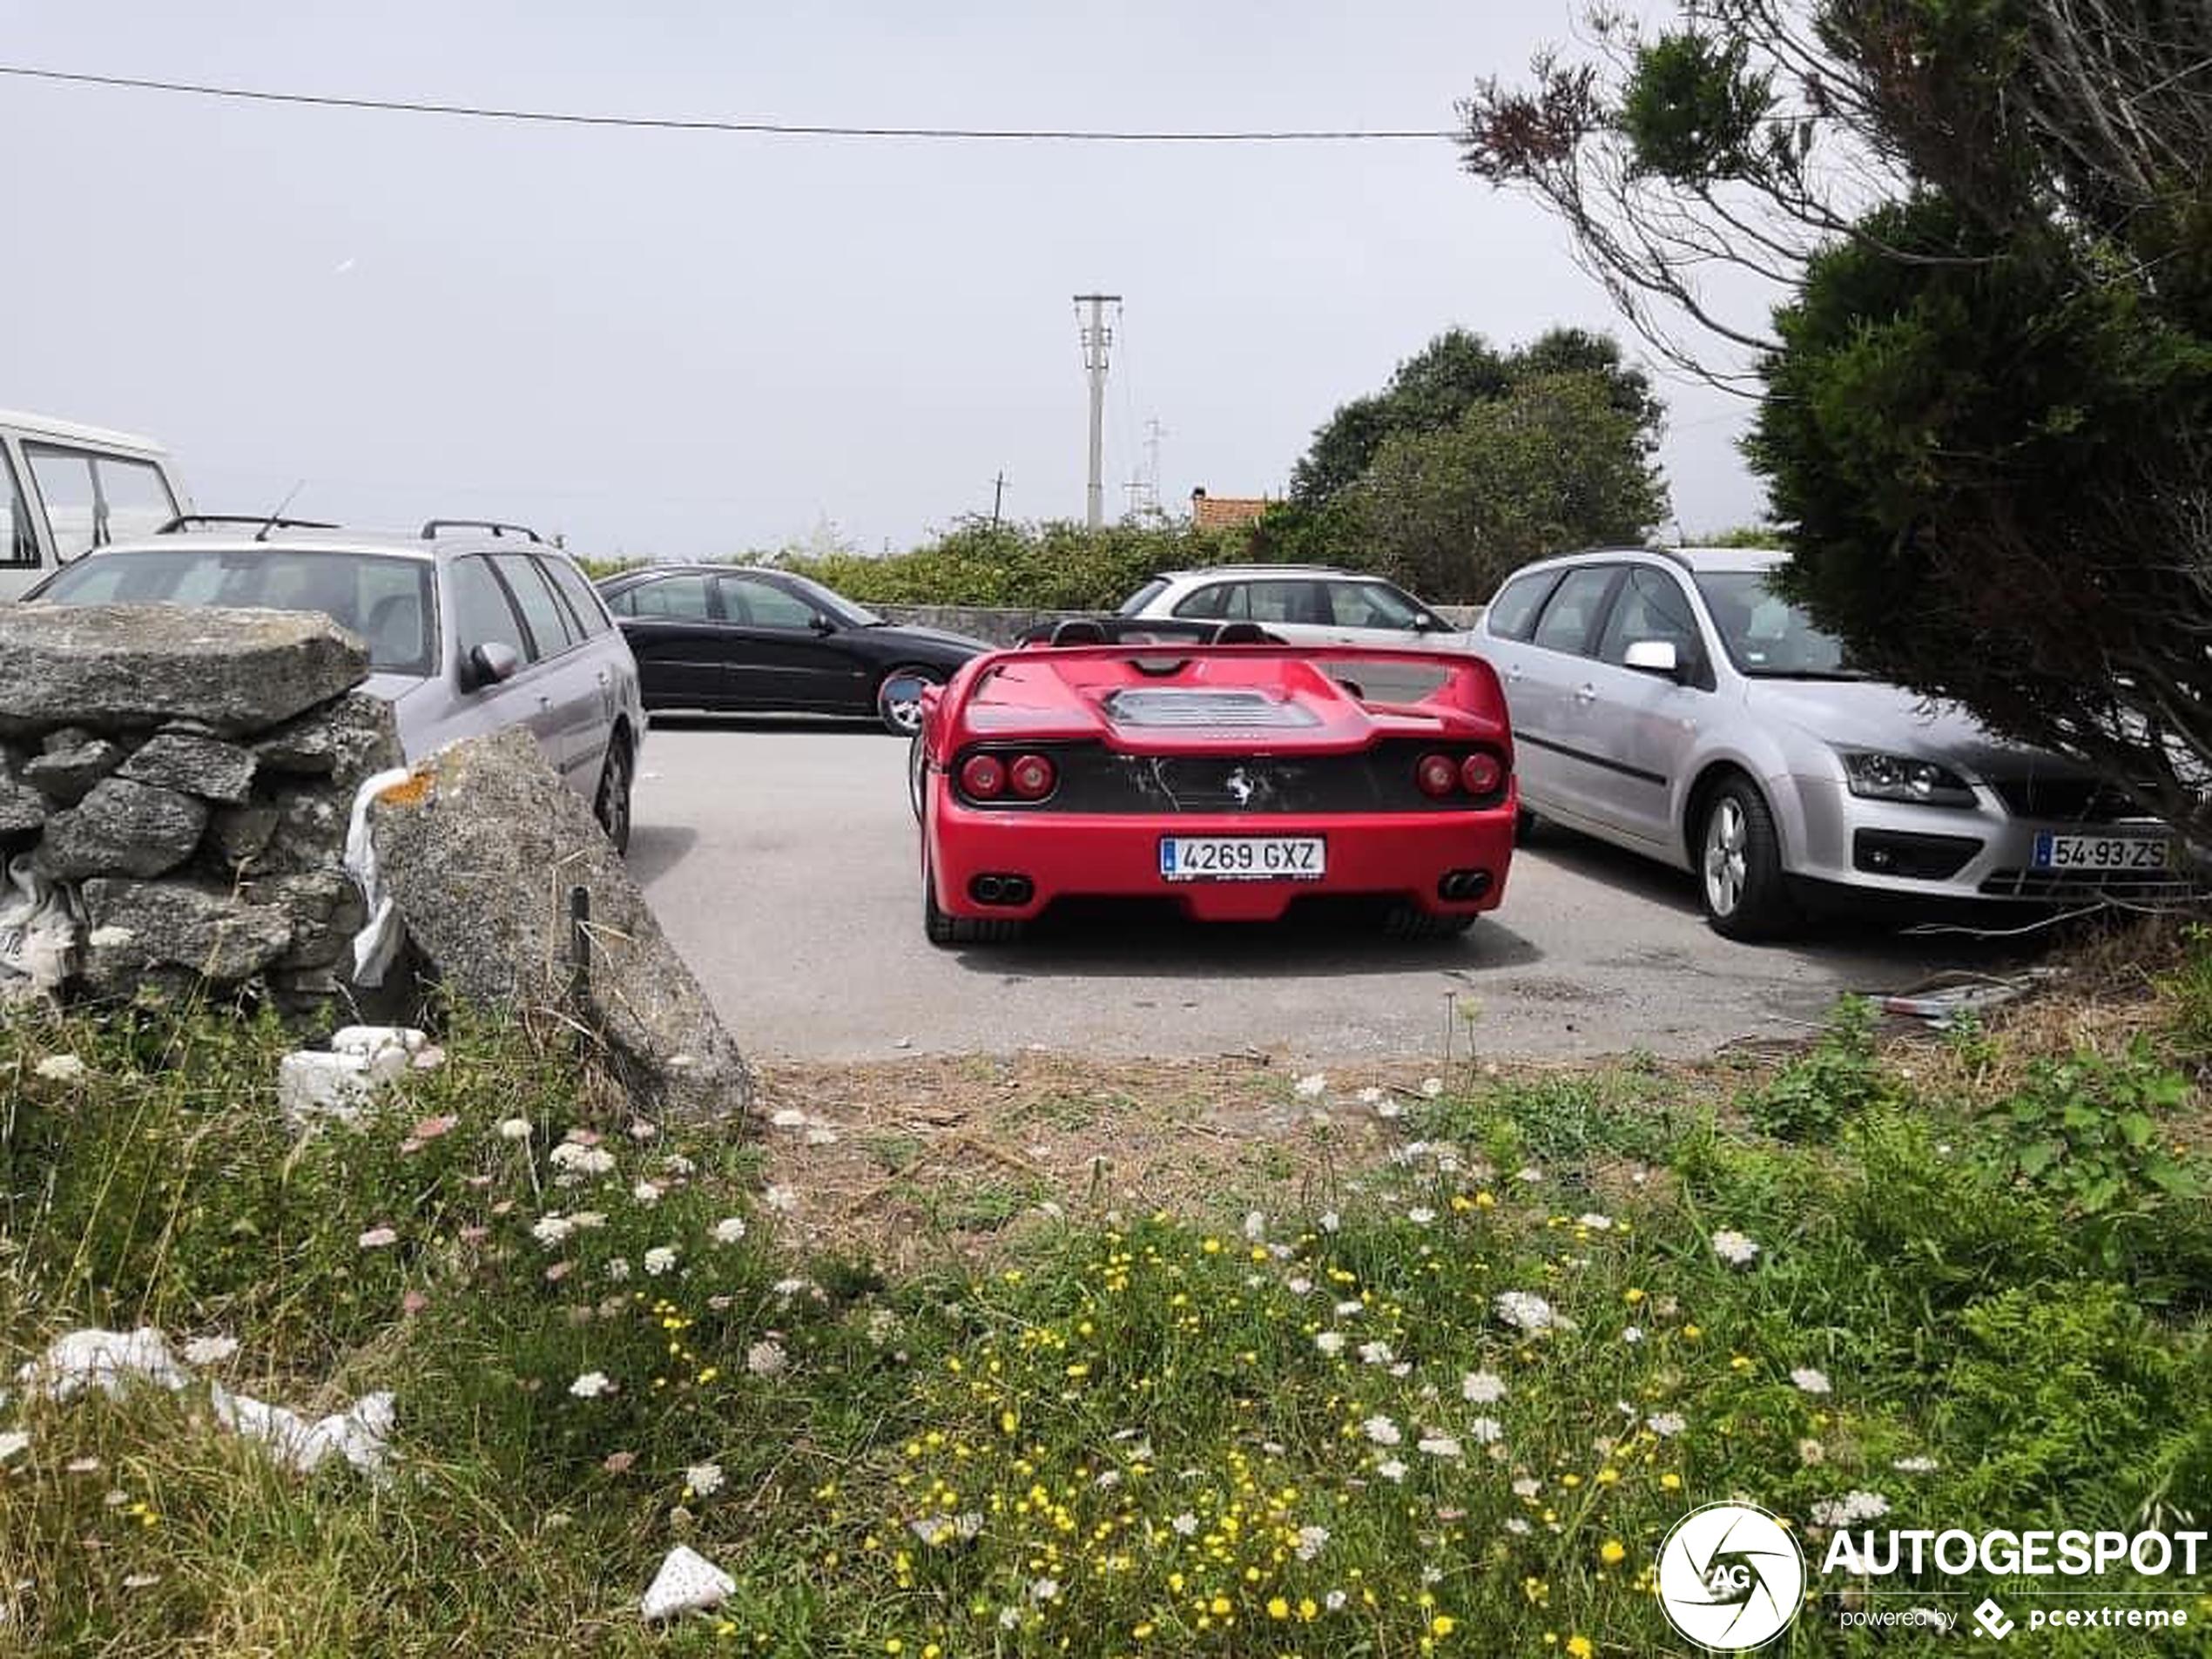 Ferrari F50 verschijnt plots in Viana do Castelo